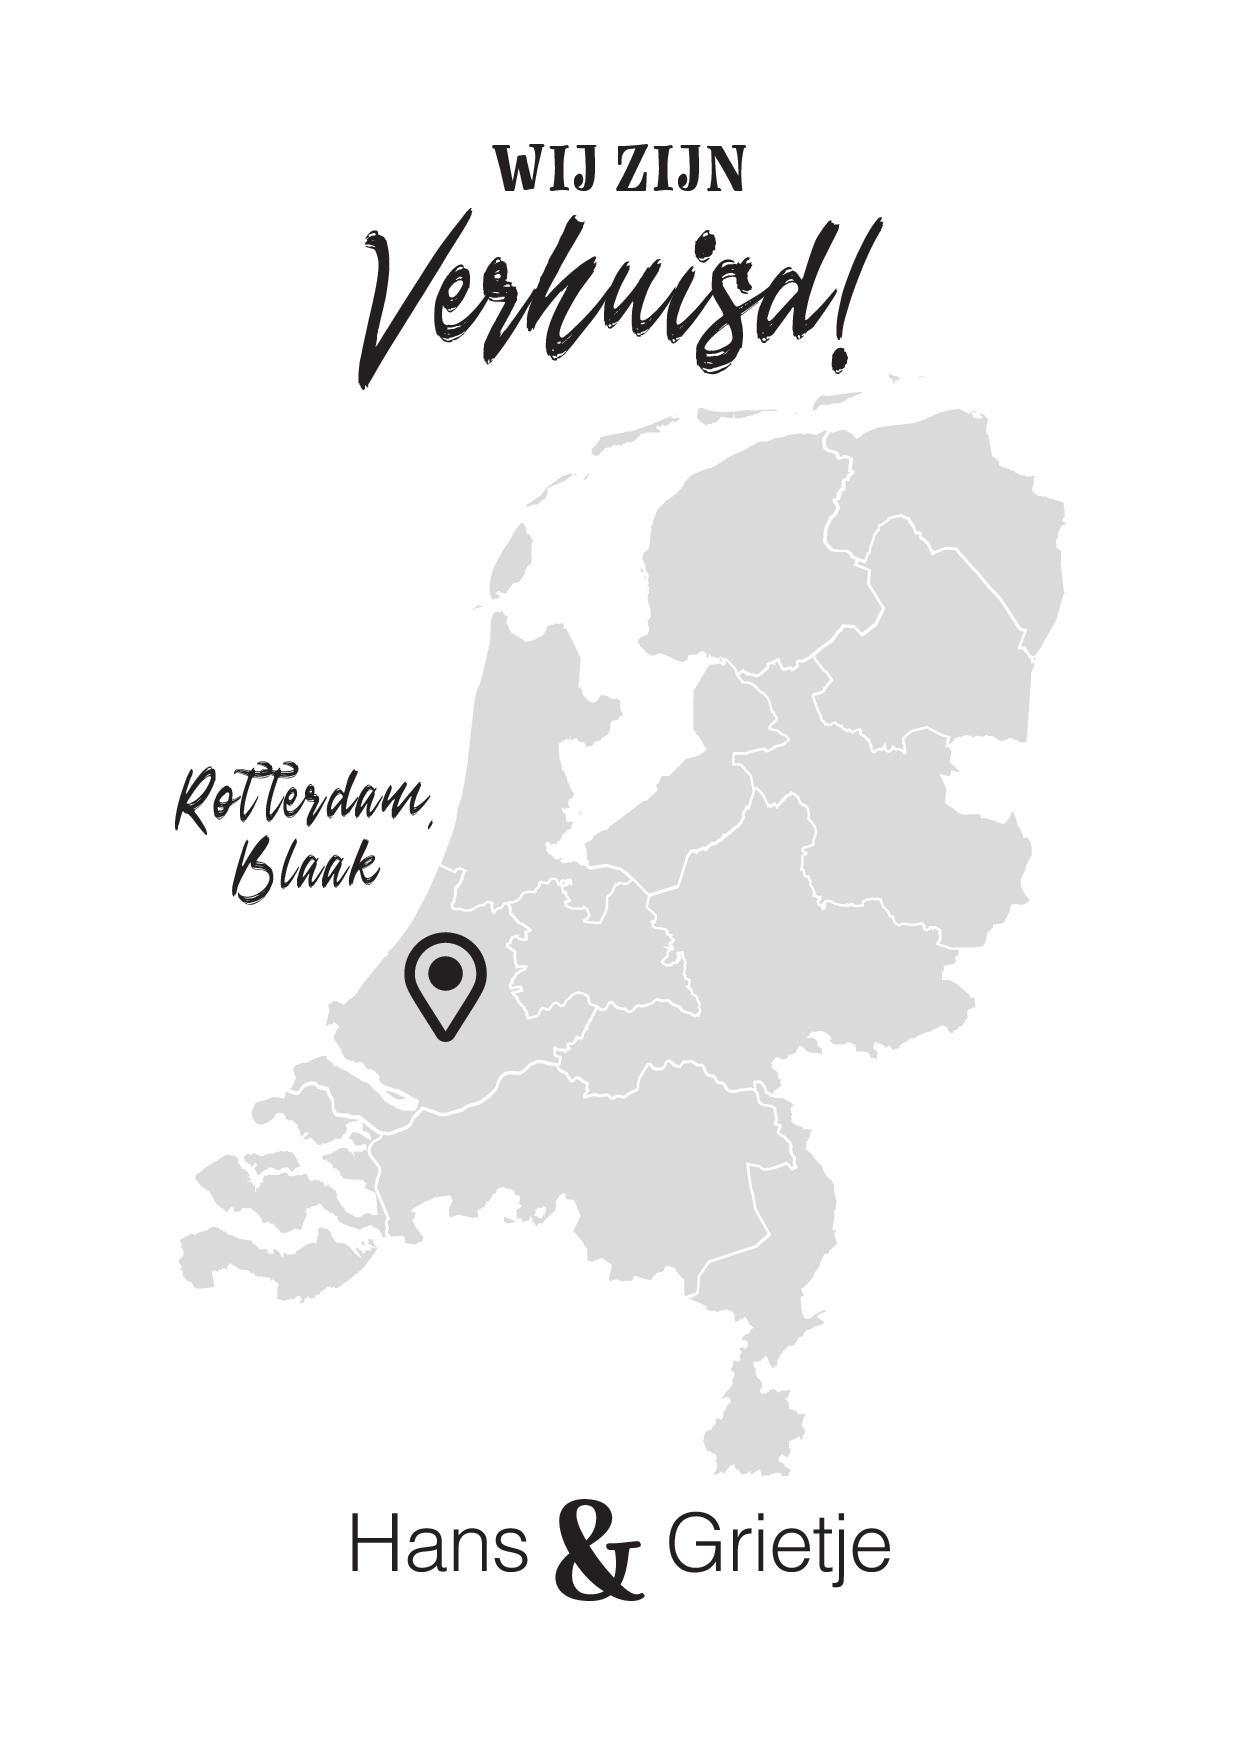 Wij zijn verhuisd met Nederlandse plattegrond